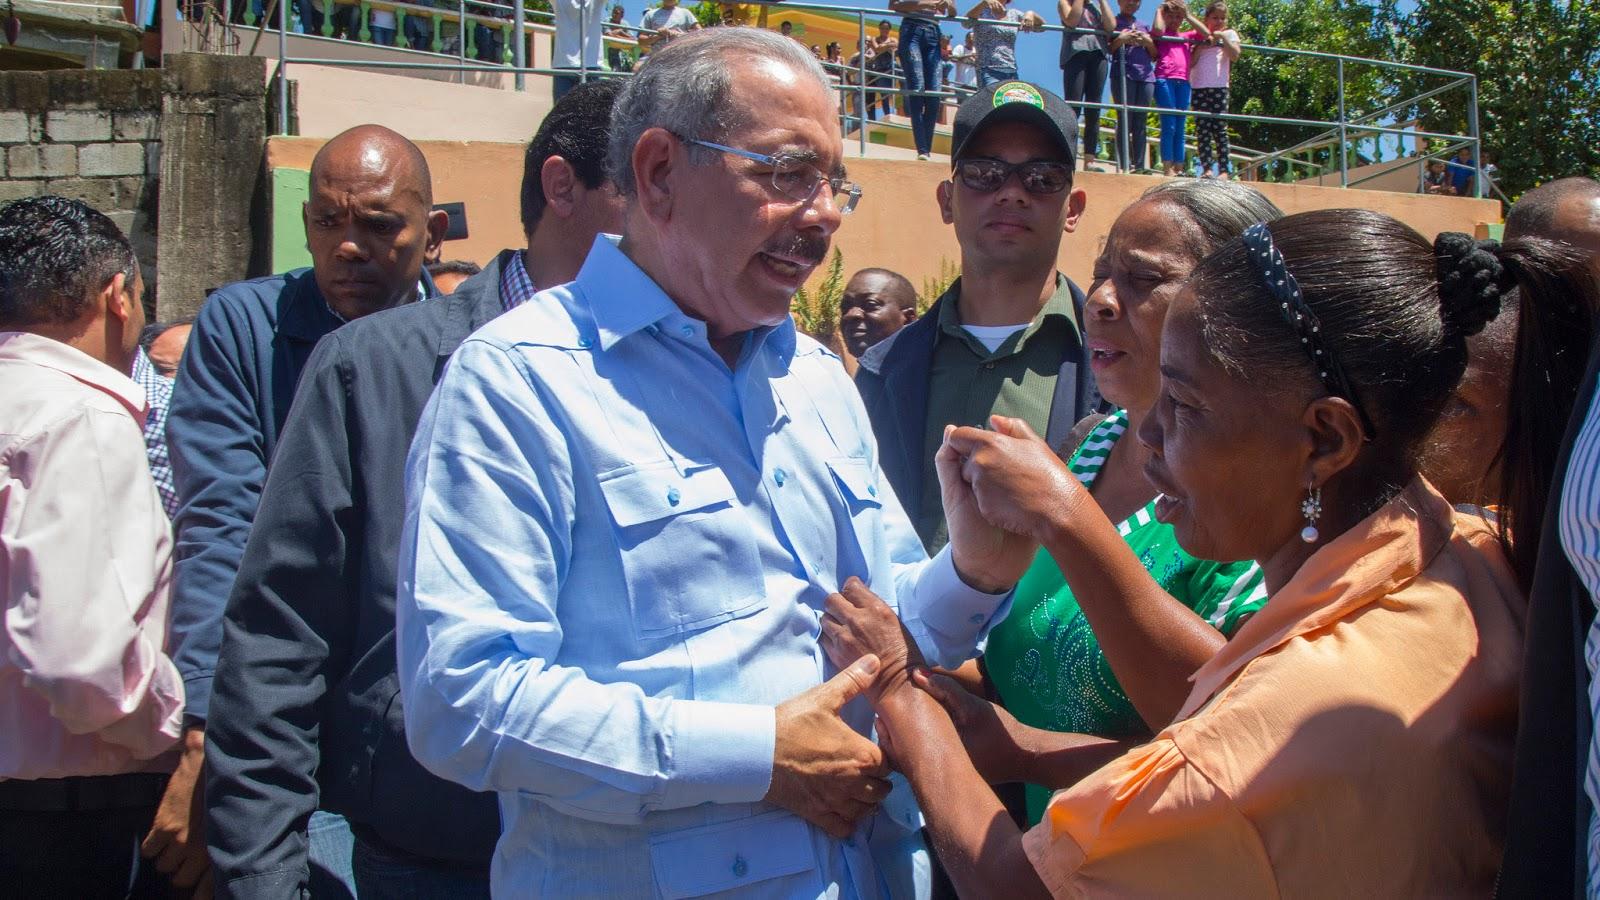 """VIDEO: Danilo Medina: """"Cualquier cosa que haga por productores de Manuel Bueno, vale la pena"""""""